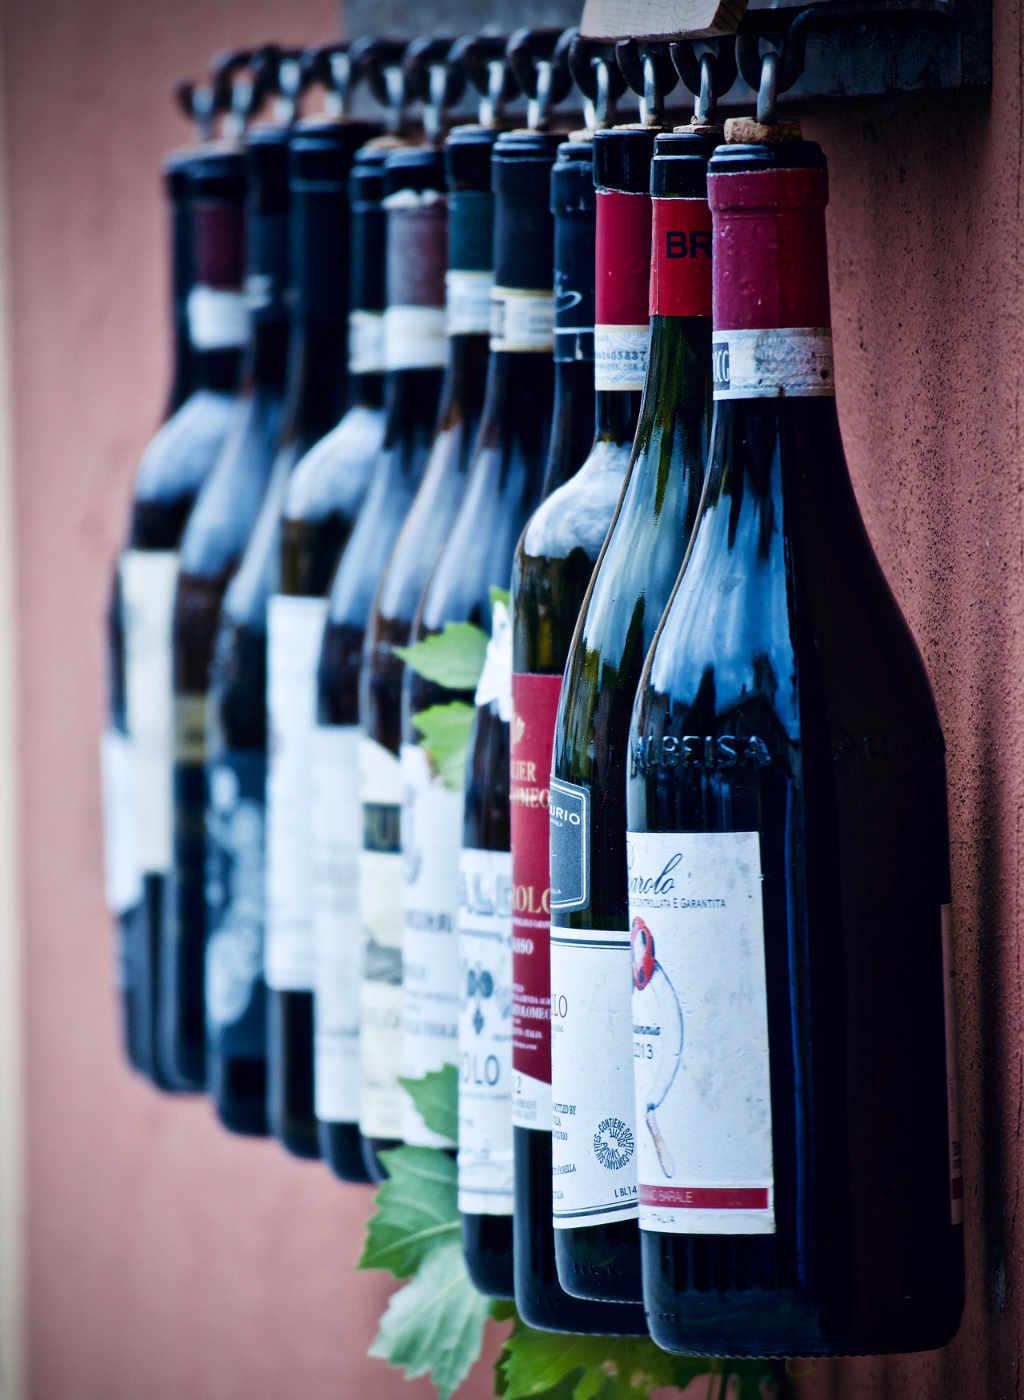 Bottiglie di Barolo bevute e appese.